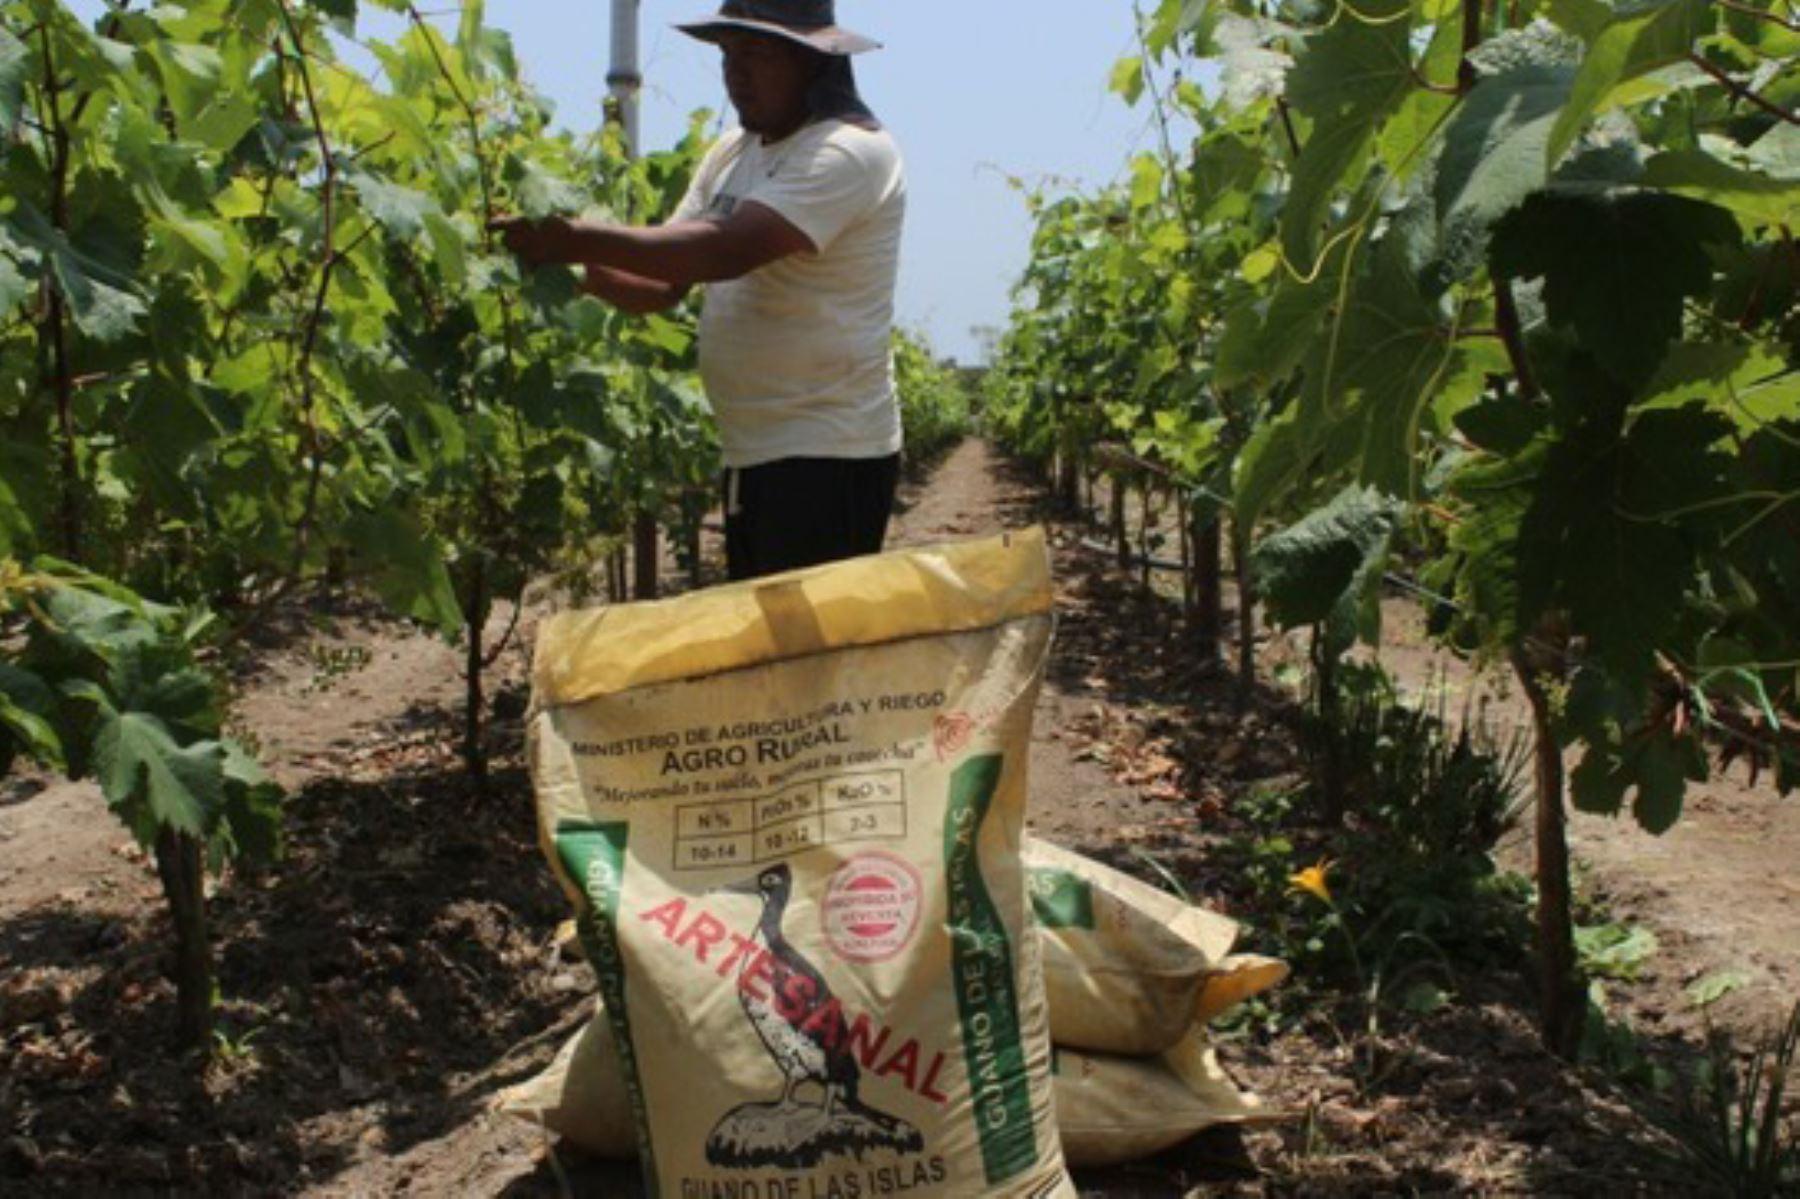 Agro Rural ha programado atender hasta noviembre con 2,020 toneladas de guano de las islas a los productores que practican la agricultura familiar en Apurímac. Foto: ANDINA/Difusión